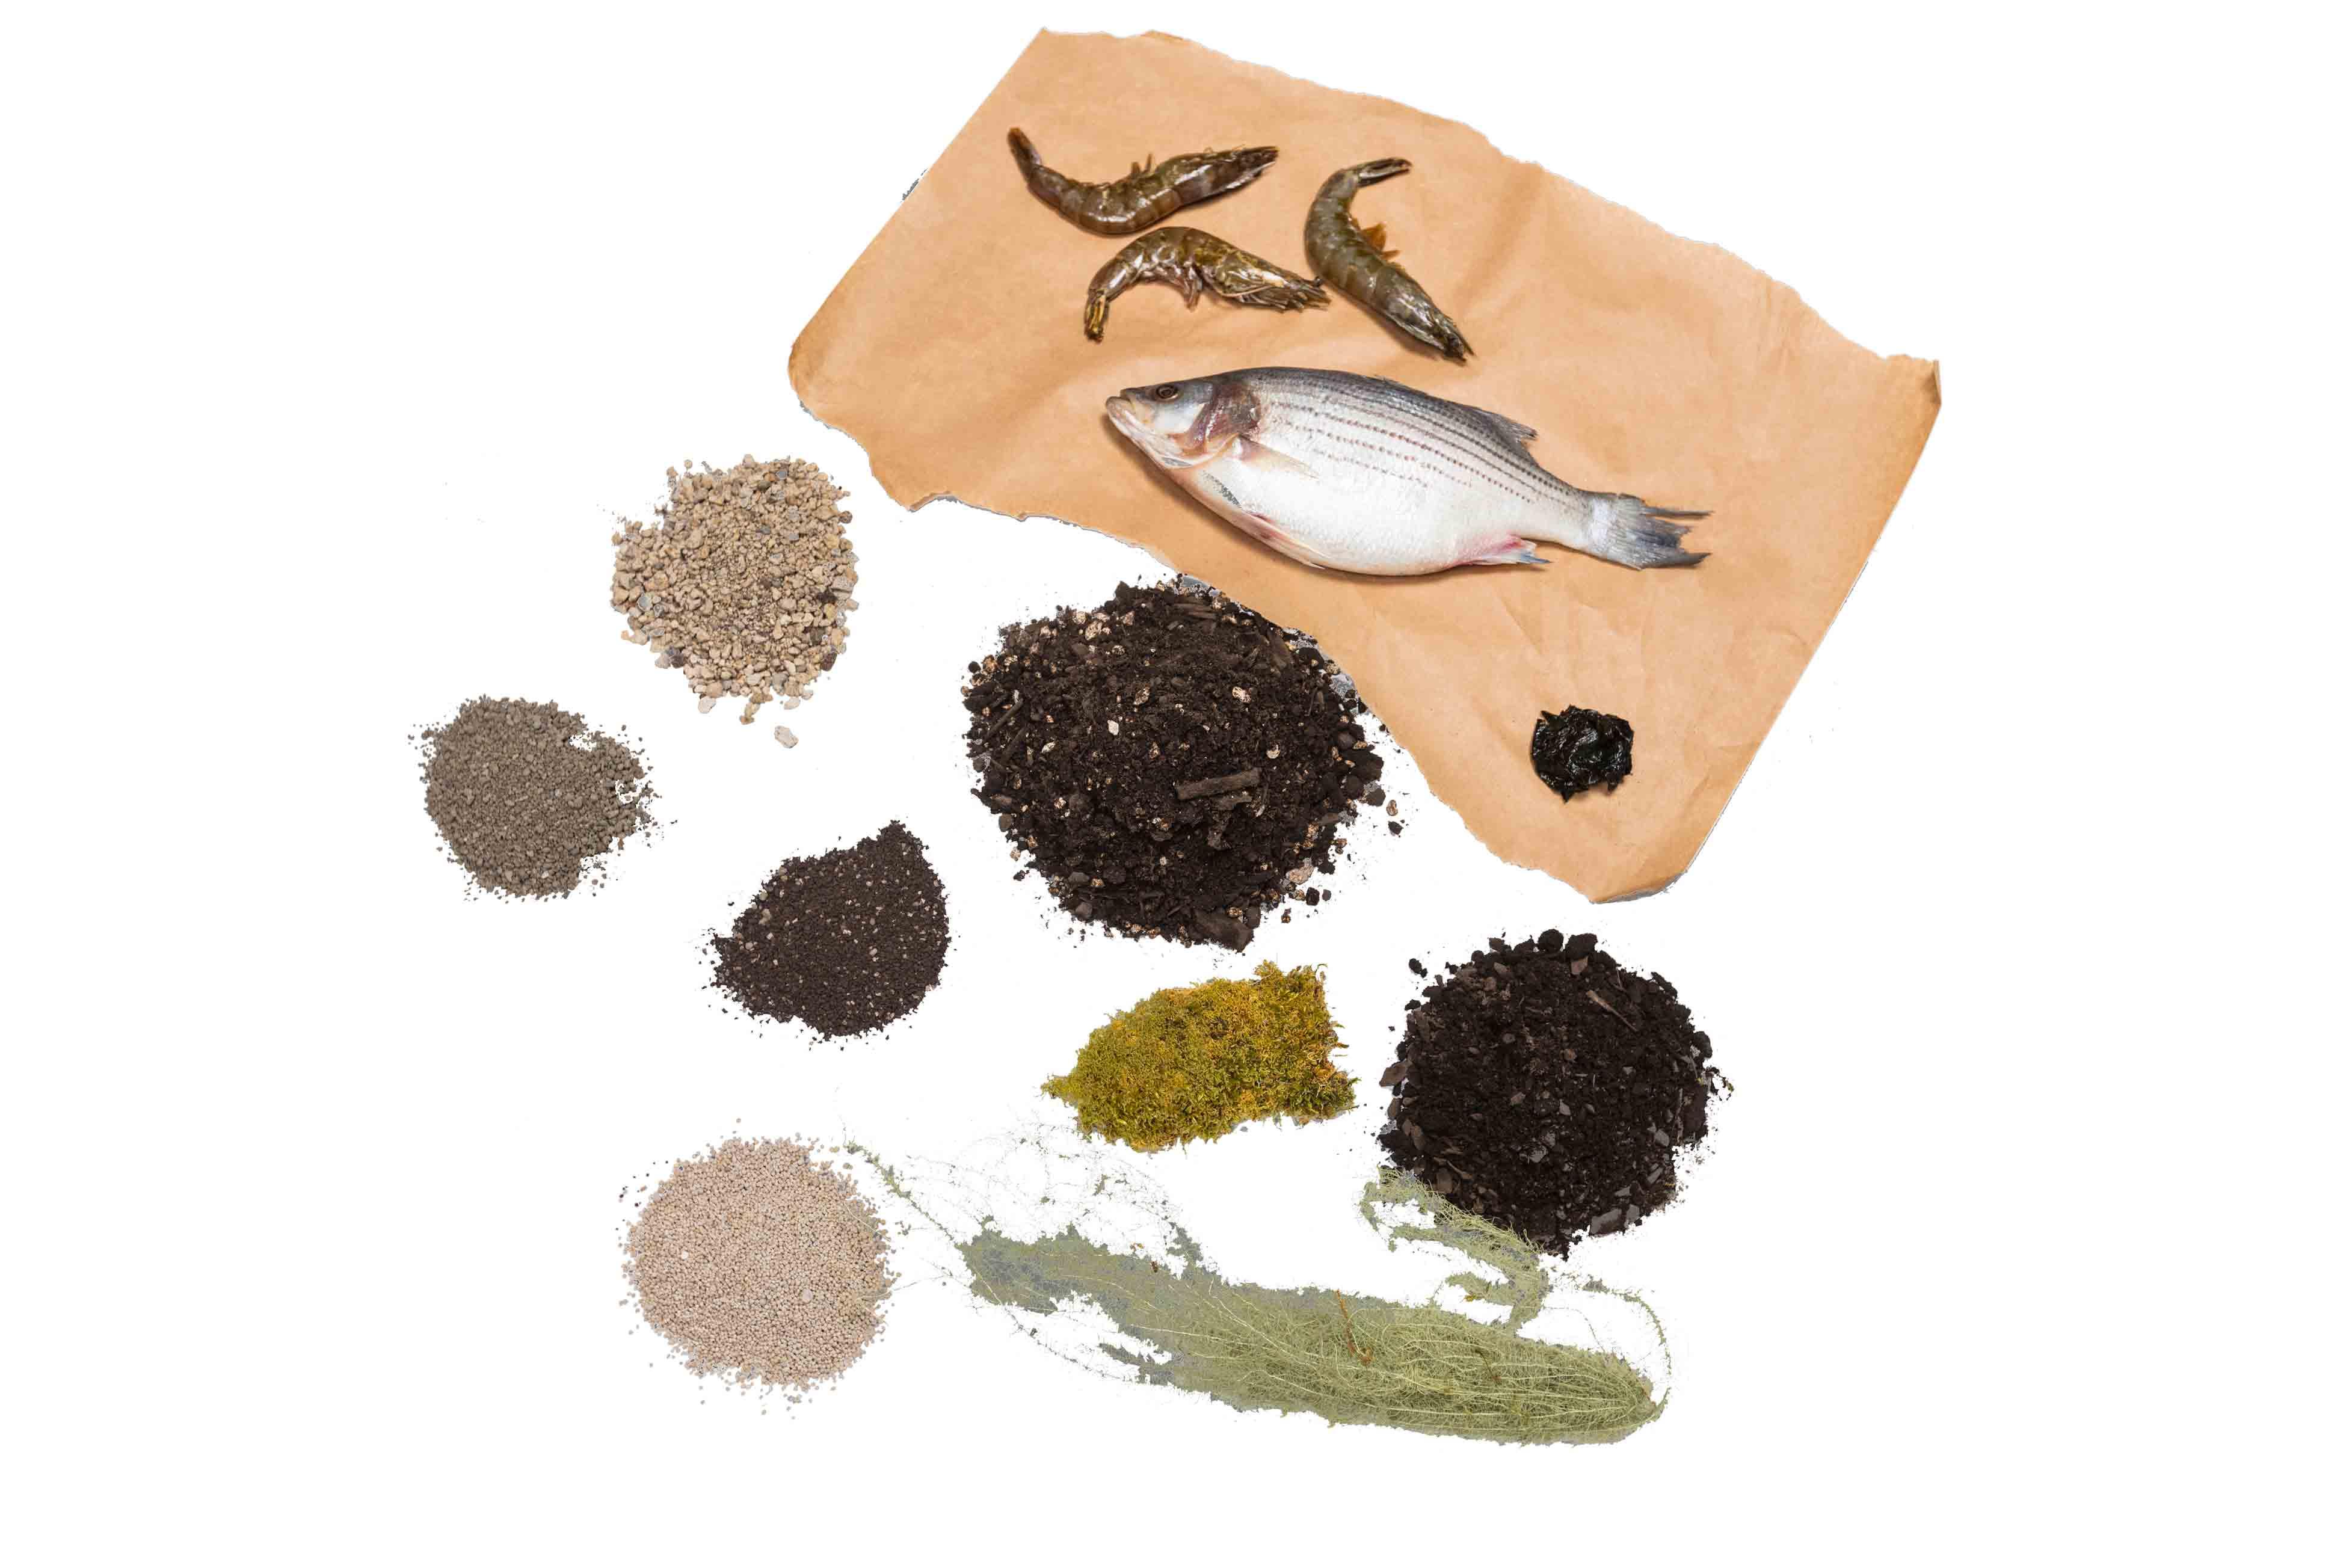 Forest Floor Organic Soils